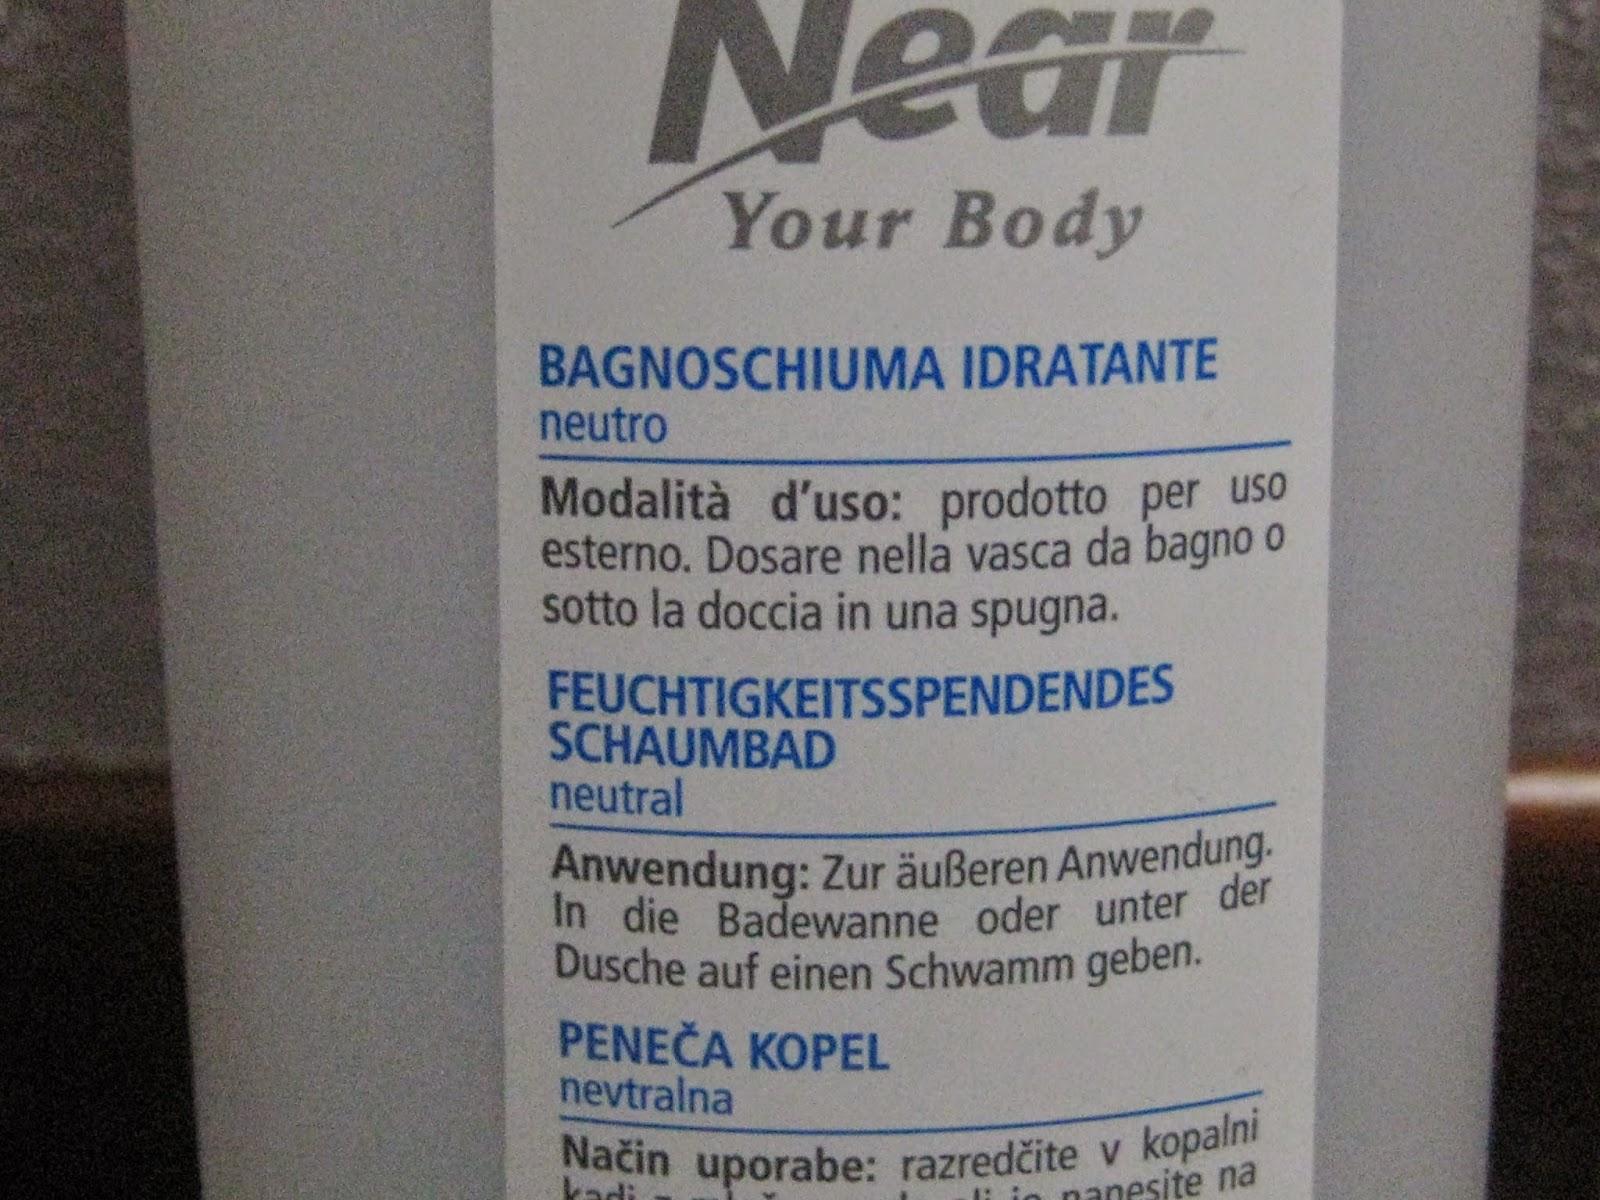 Bagno Doccia Neutro : Lunarossa recensione bagno schiuma neutro near